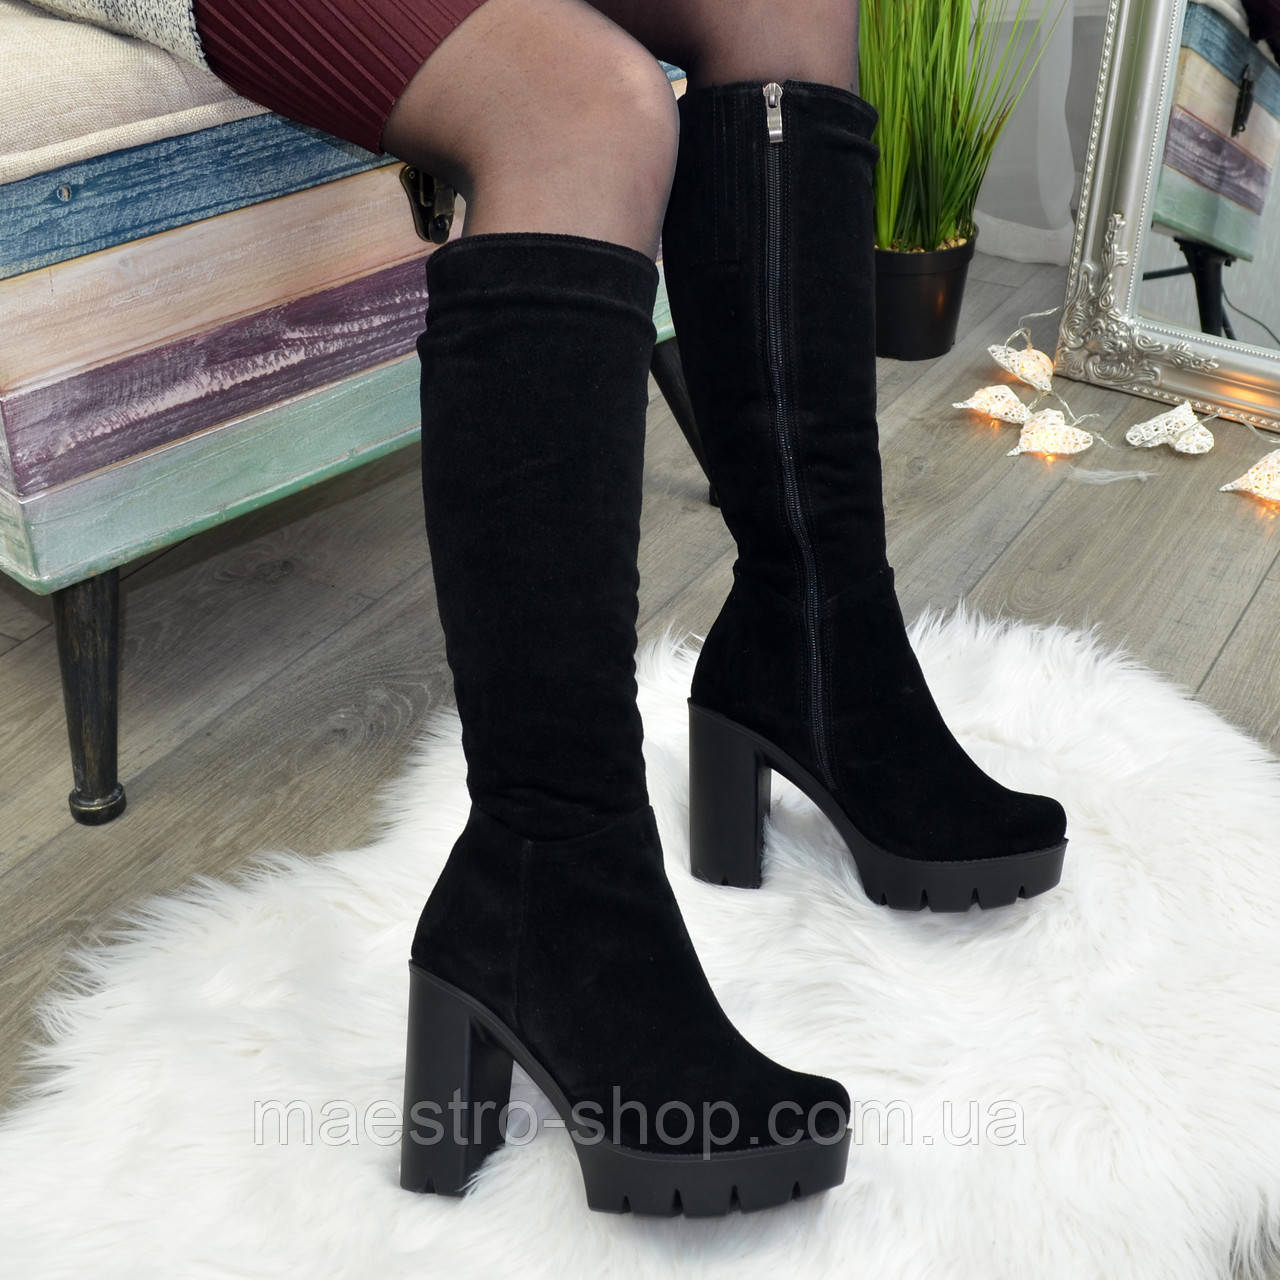 Сапоги черные замшевые на высоком каблуке